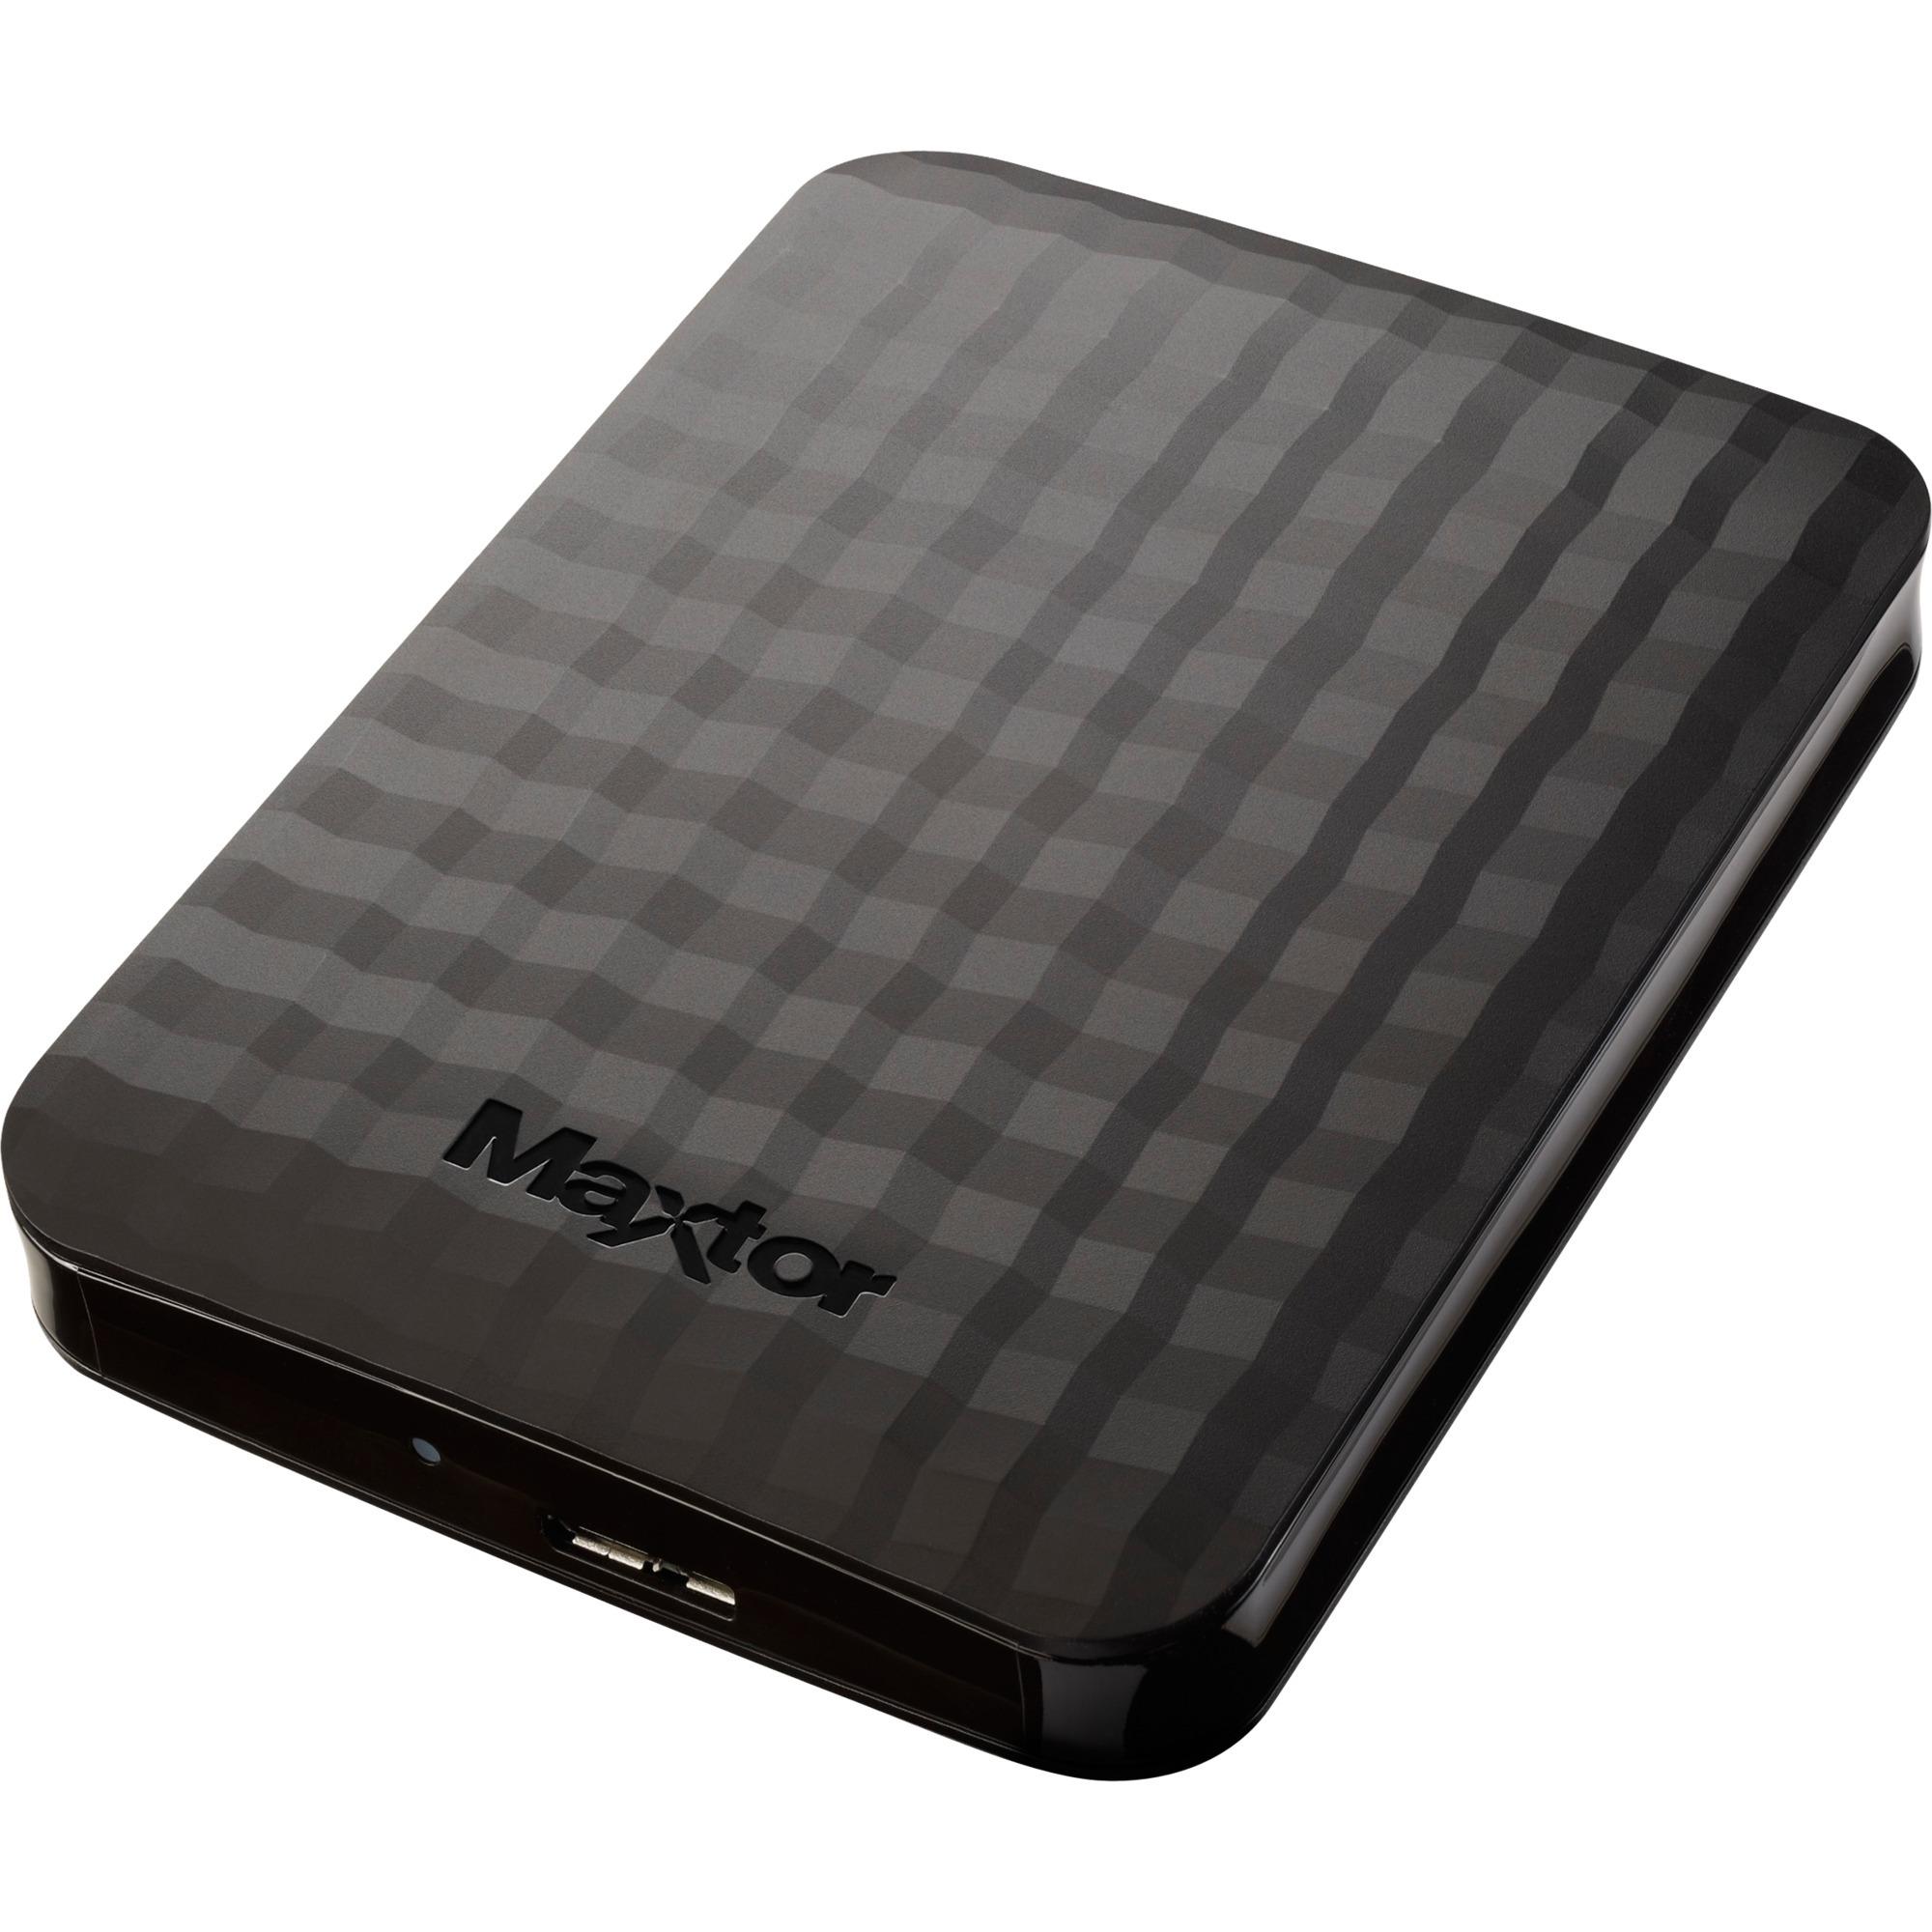 Maxtor M3 disco duro externo 500 GB Negro, Unidad de disco duro